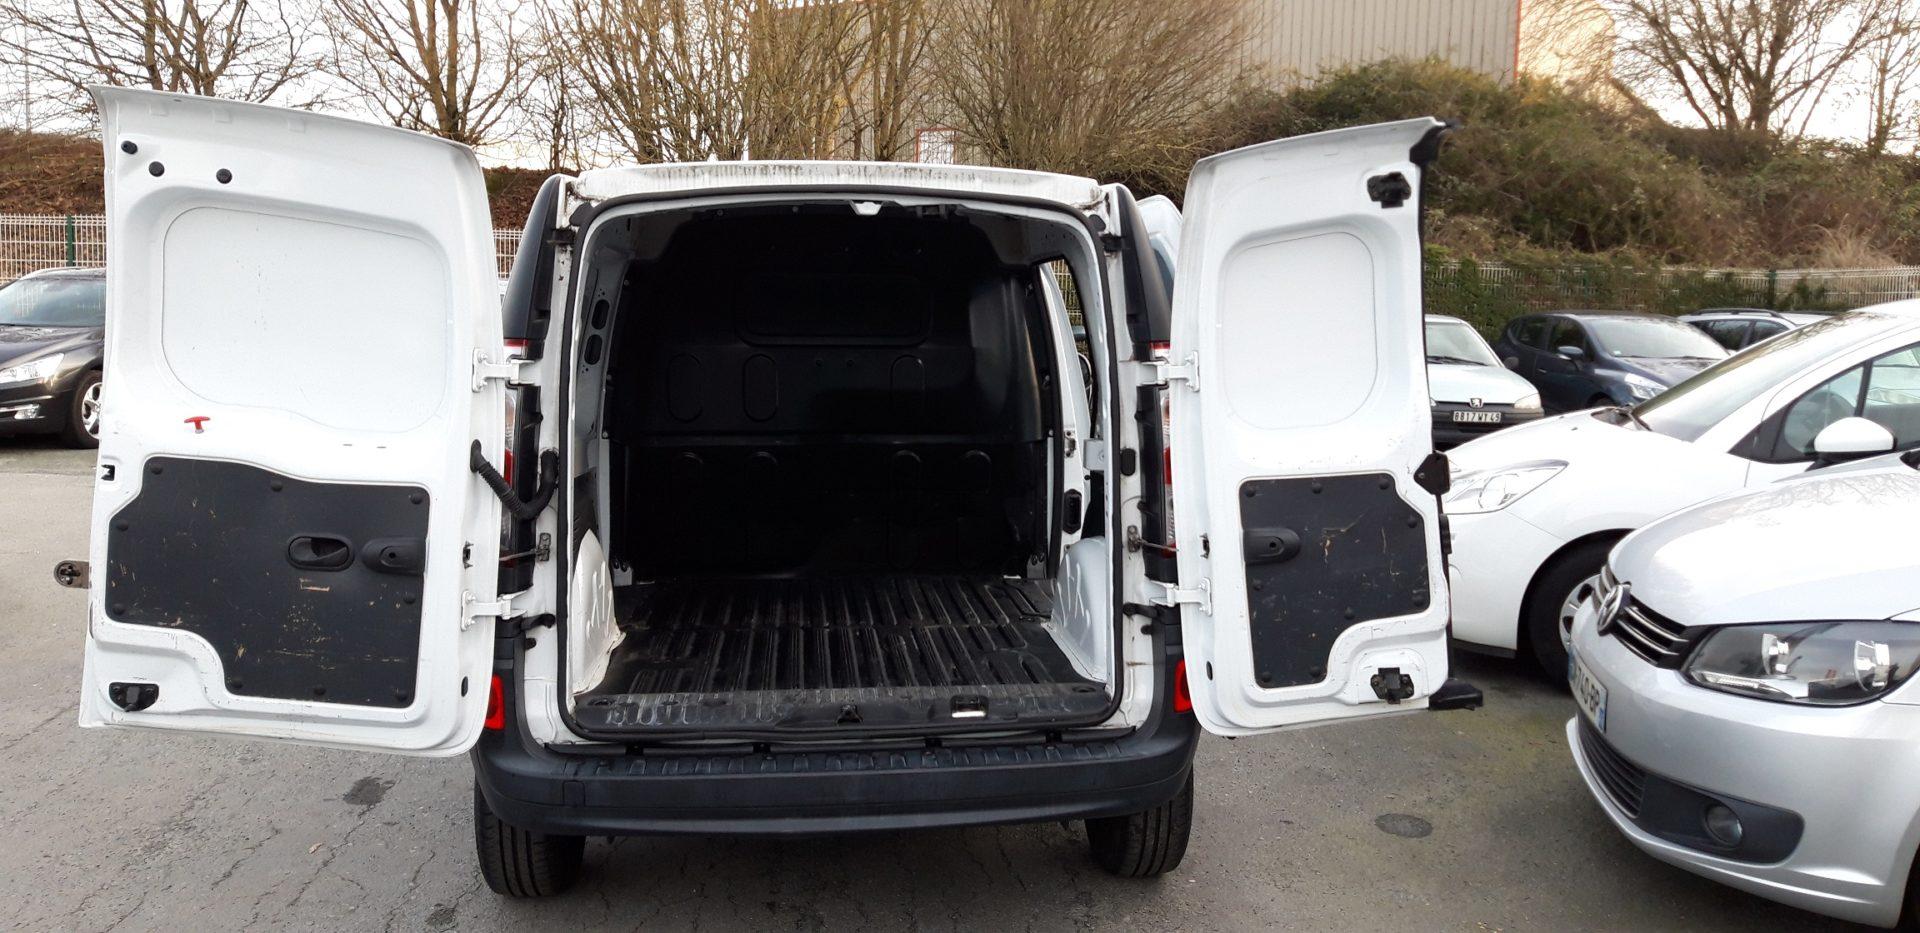 Garage Jallier Tharreau Garage Automobile Cholet Location Vehicule 9 Places 20200111 165512 1506